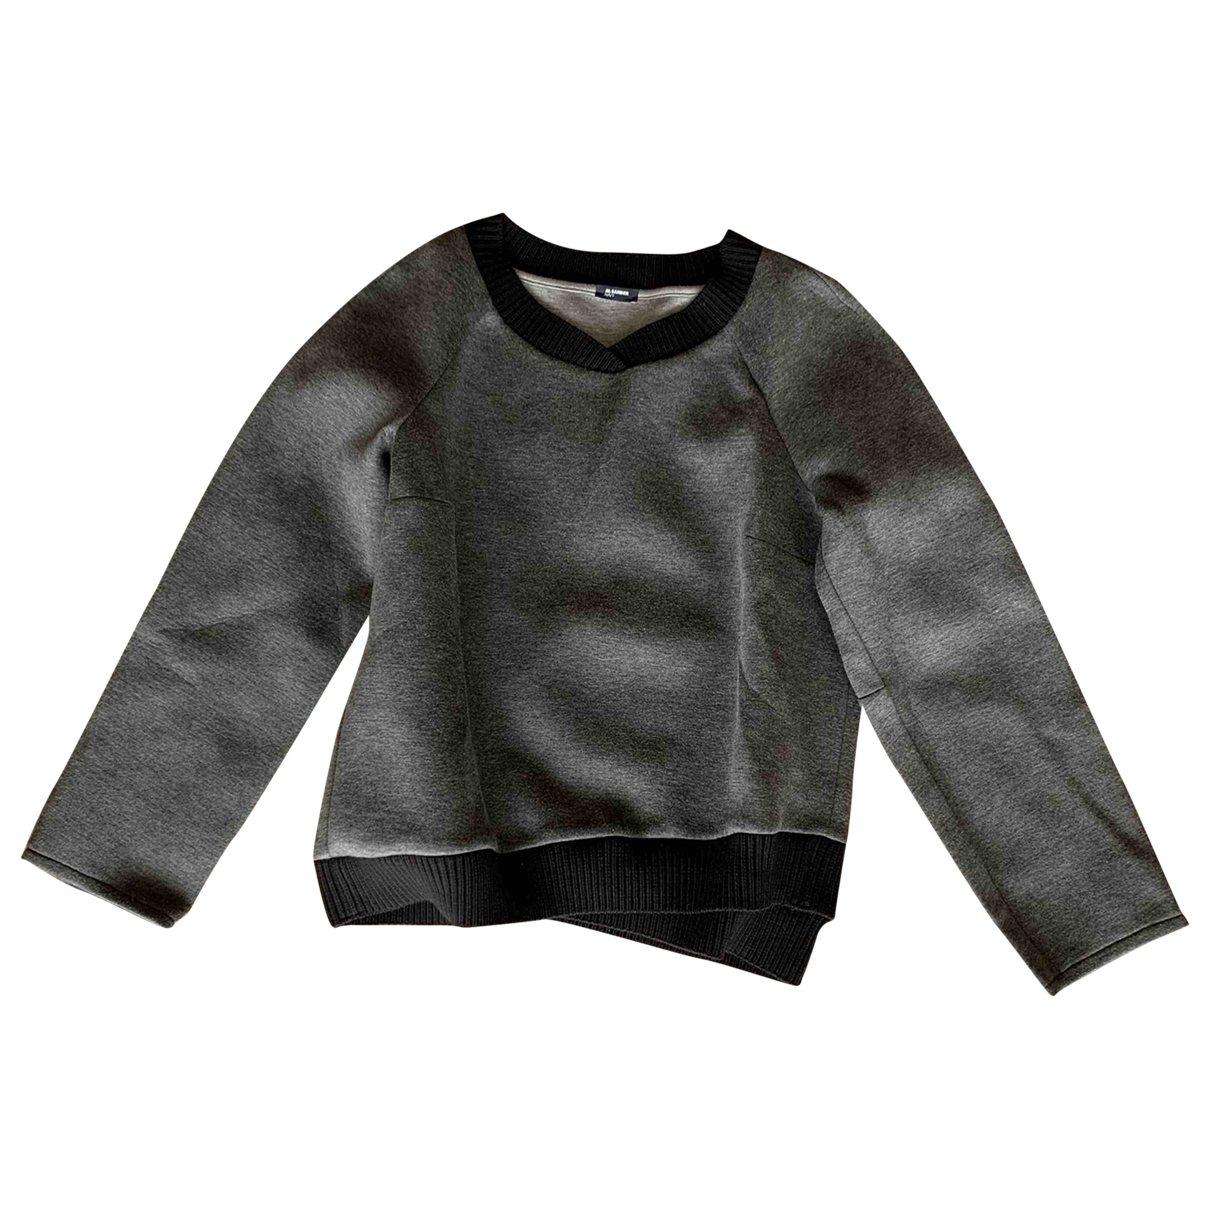 Jil Sander - Top   pour femme - gris